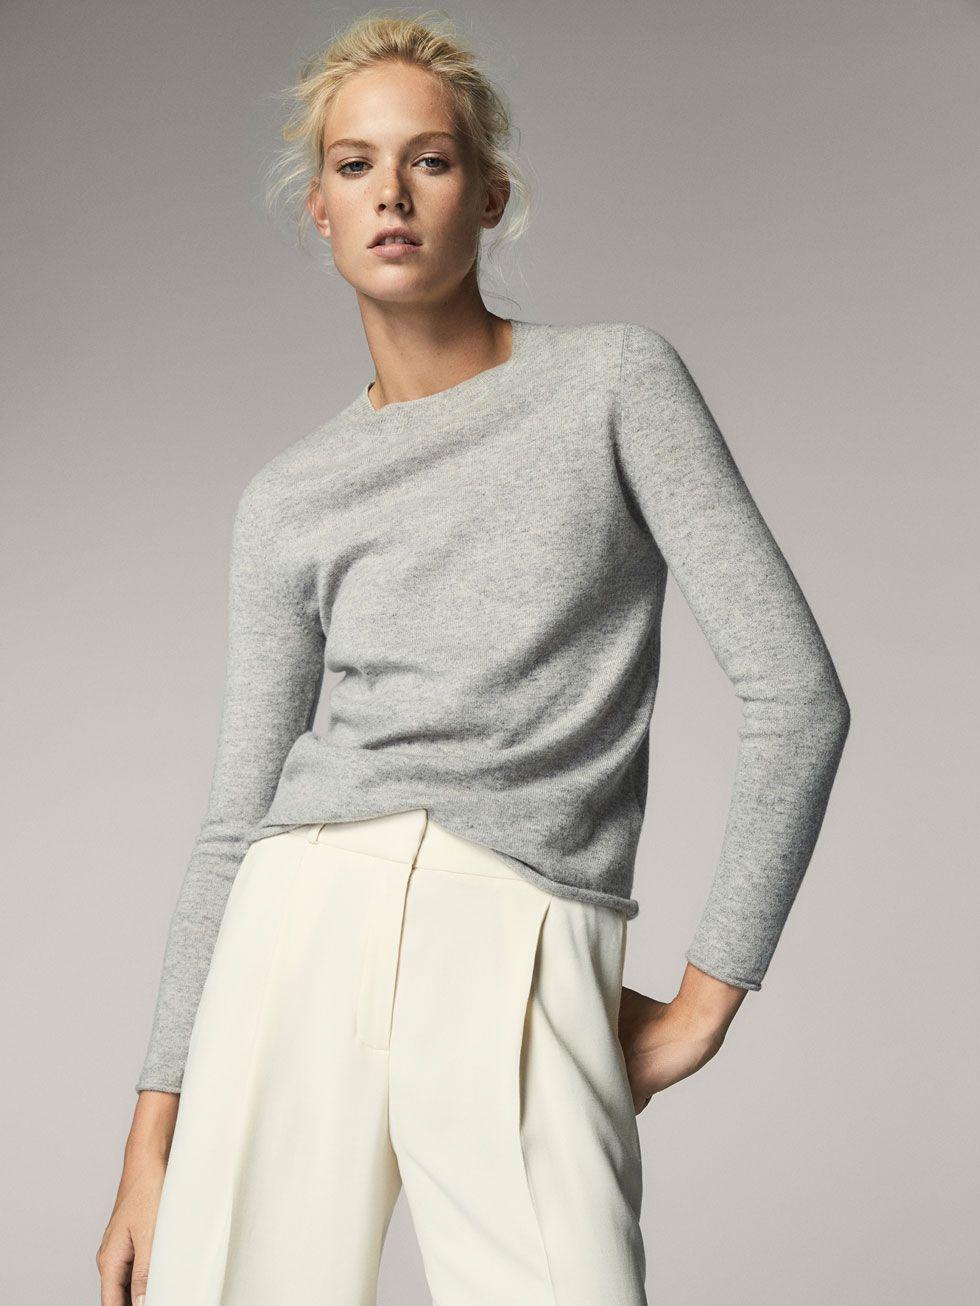 120eae320aa8b PANTALÓN FLUIDO CRUDO de MUJER - Pantalones - Ver todo de Massimo Dutti de  Otoño Invierno 2017 por 39.95. ¡Elegancia natural!